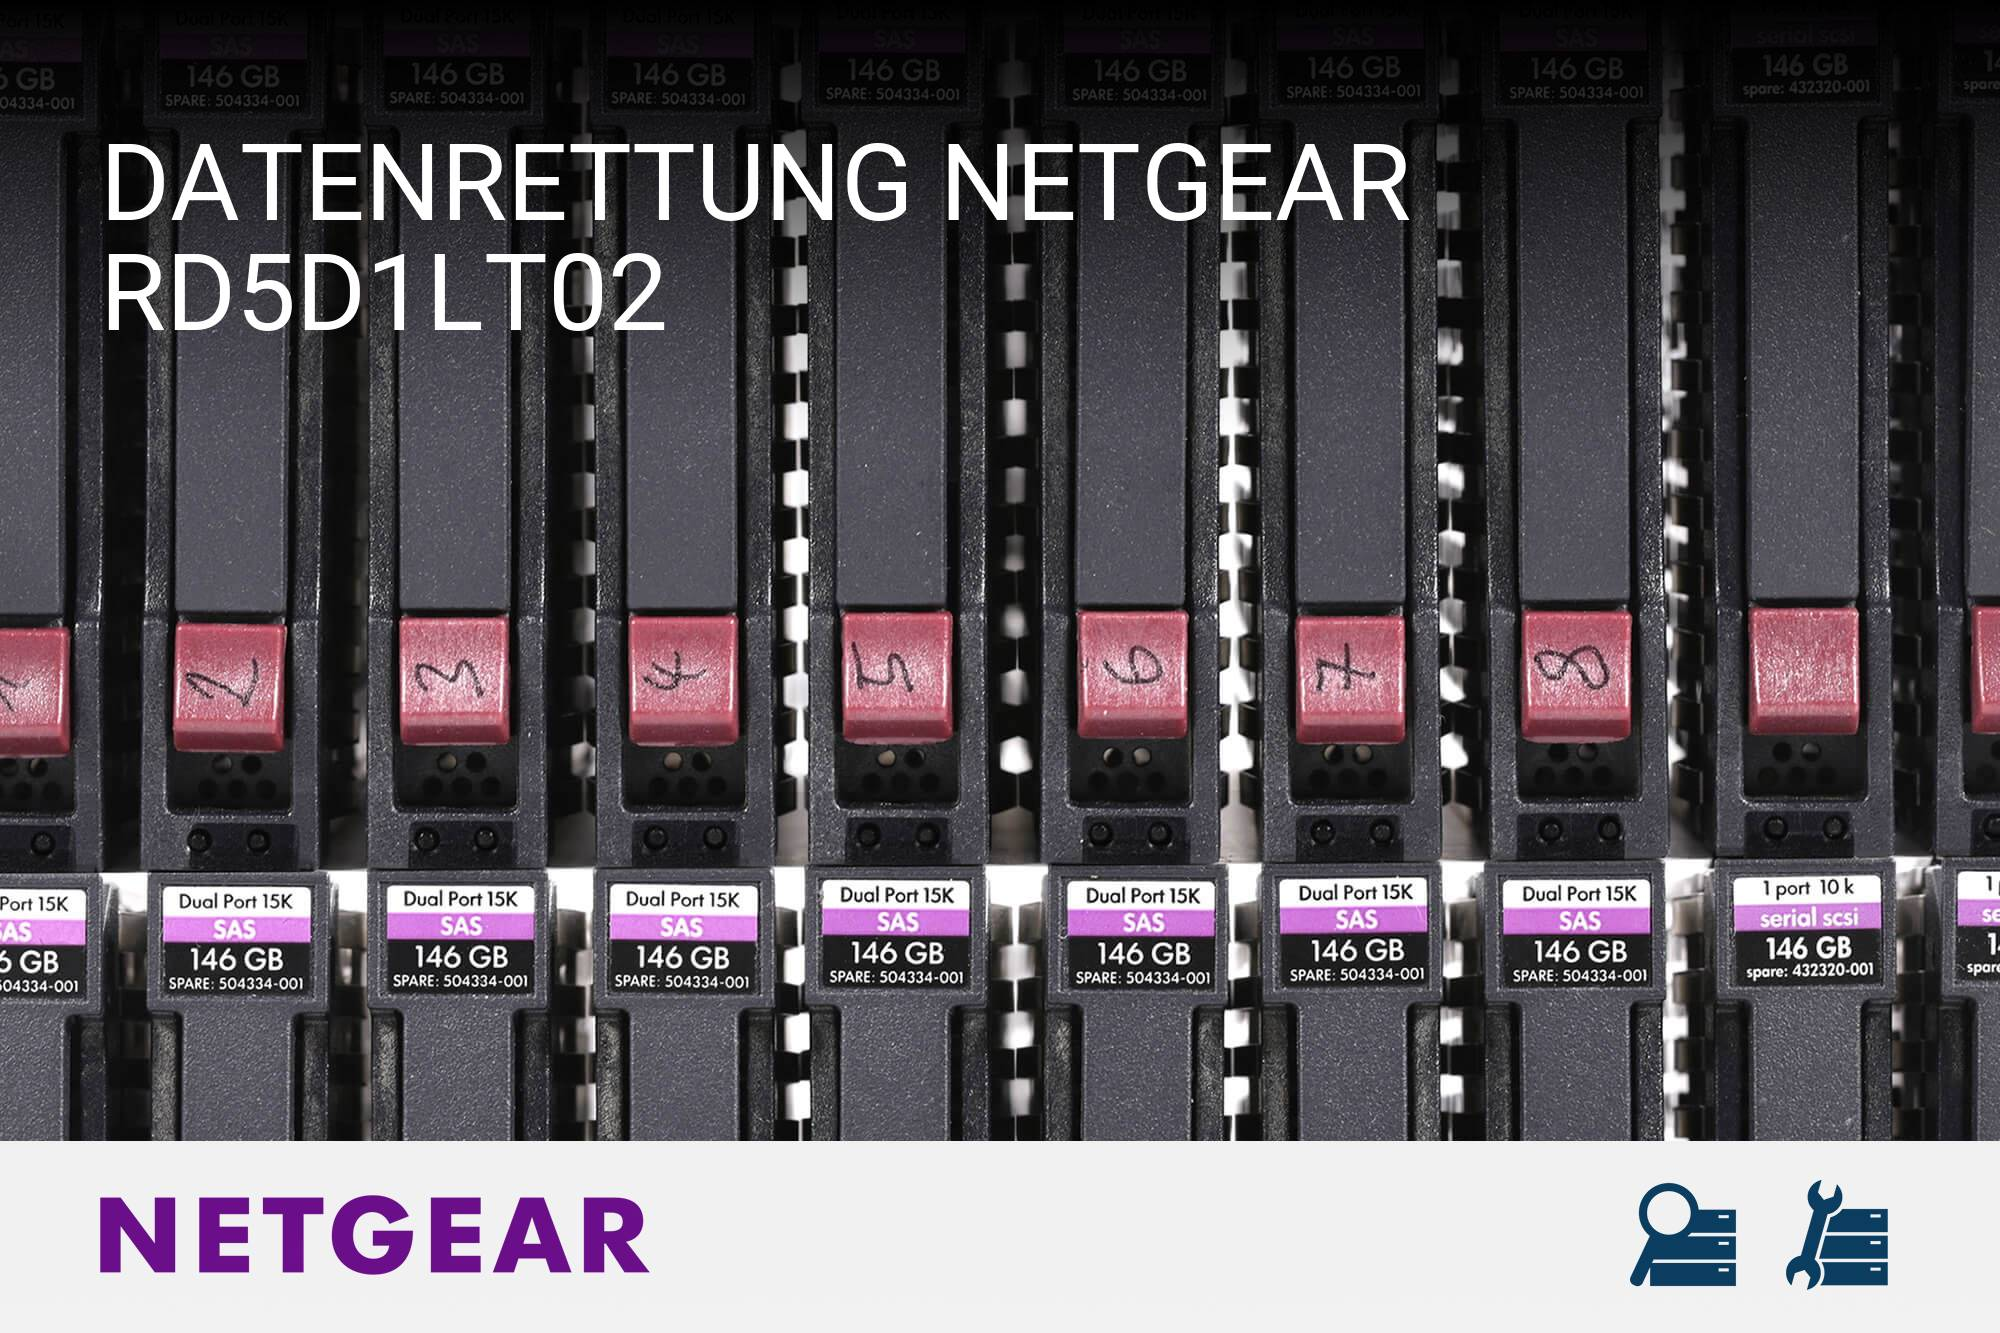 Netgear RD5D1LT02